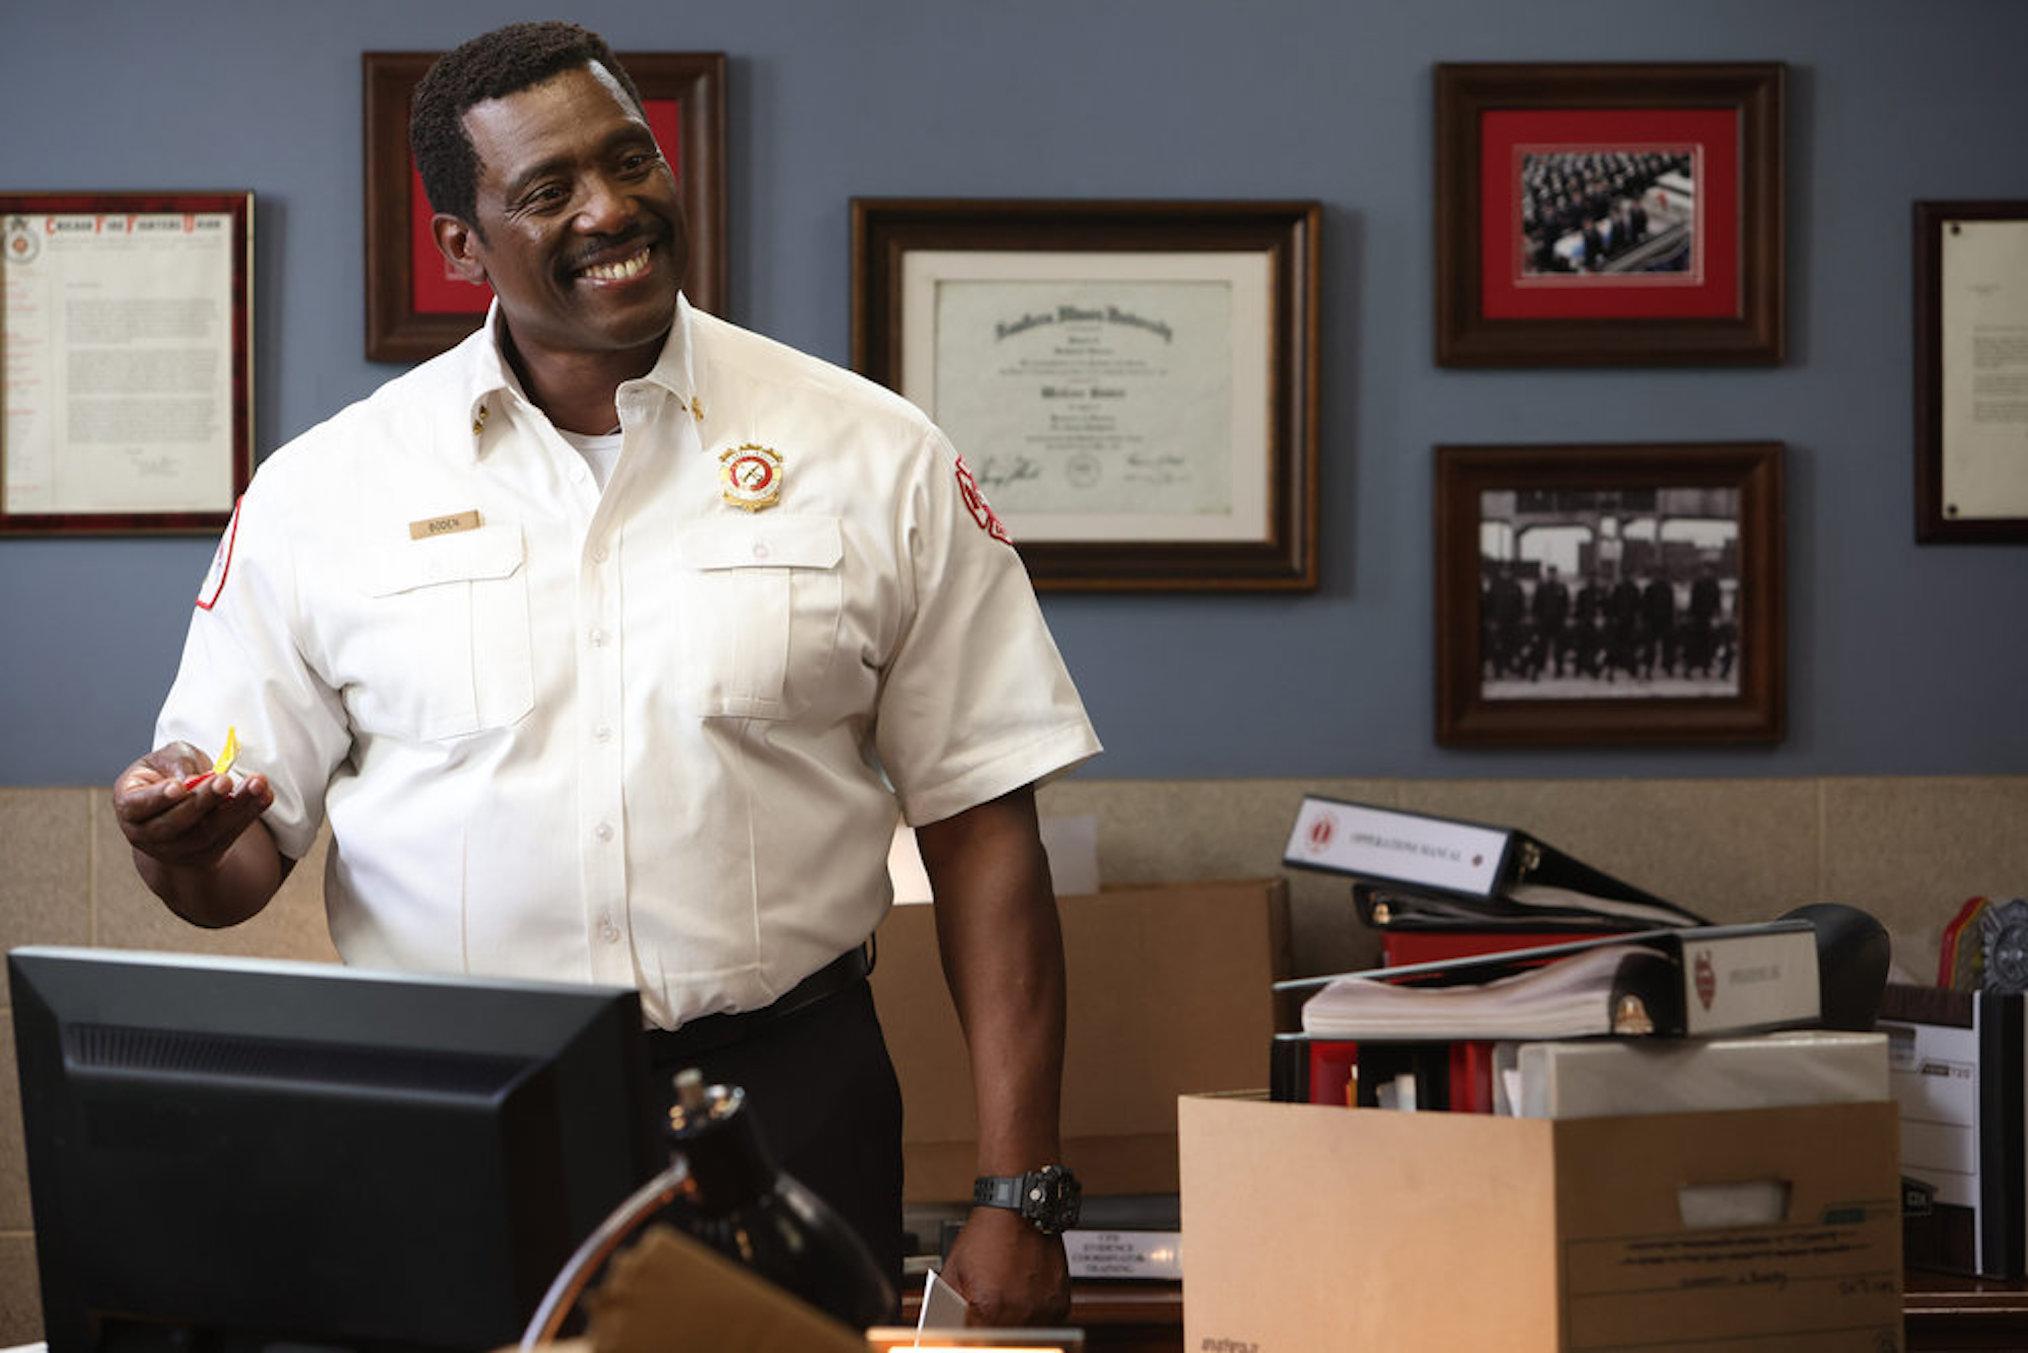 Eamonn Walker as Wallace Boden in Chicago Fire